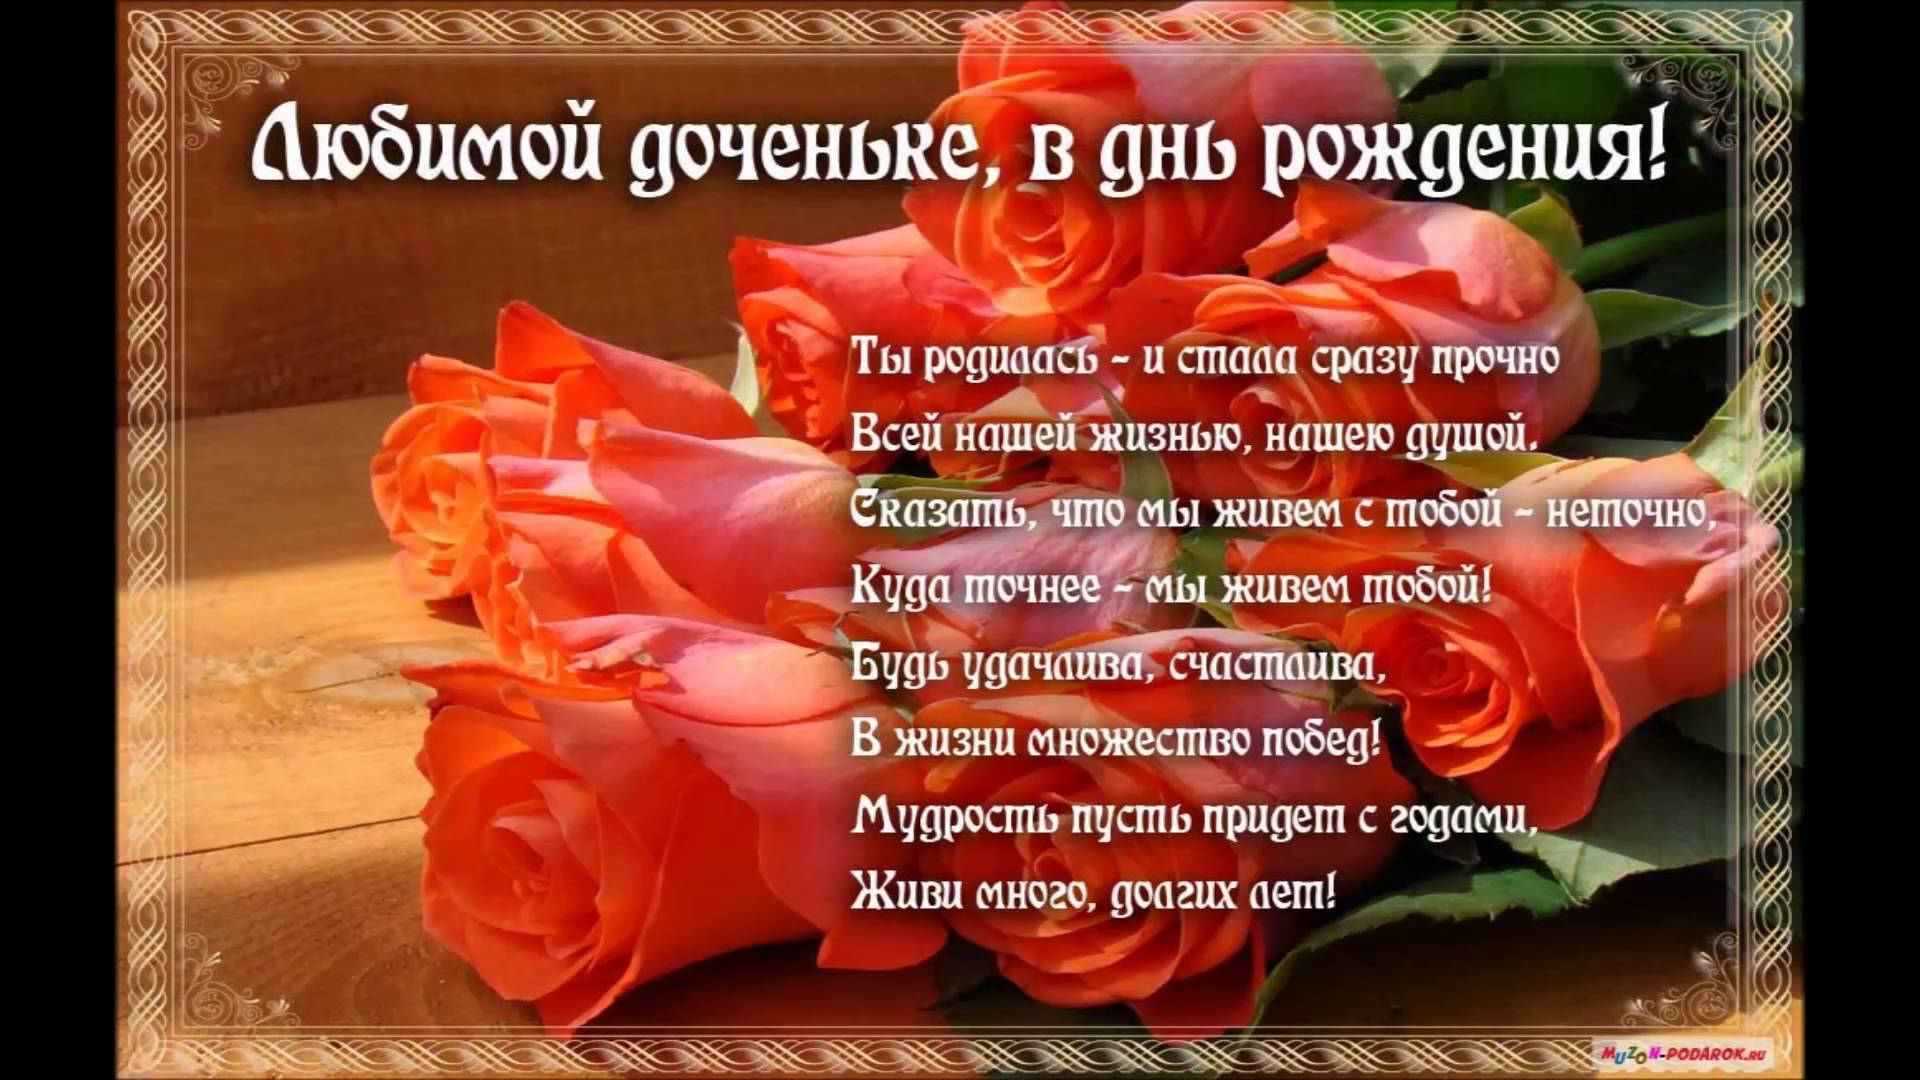 Изображение - Поздравления дочери с днем рождения от мамы открытки maxresdefault-18